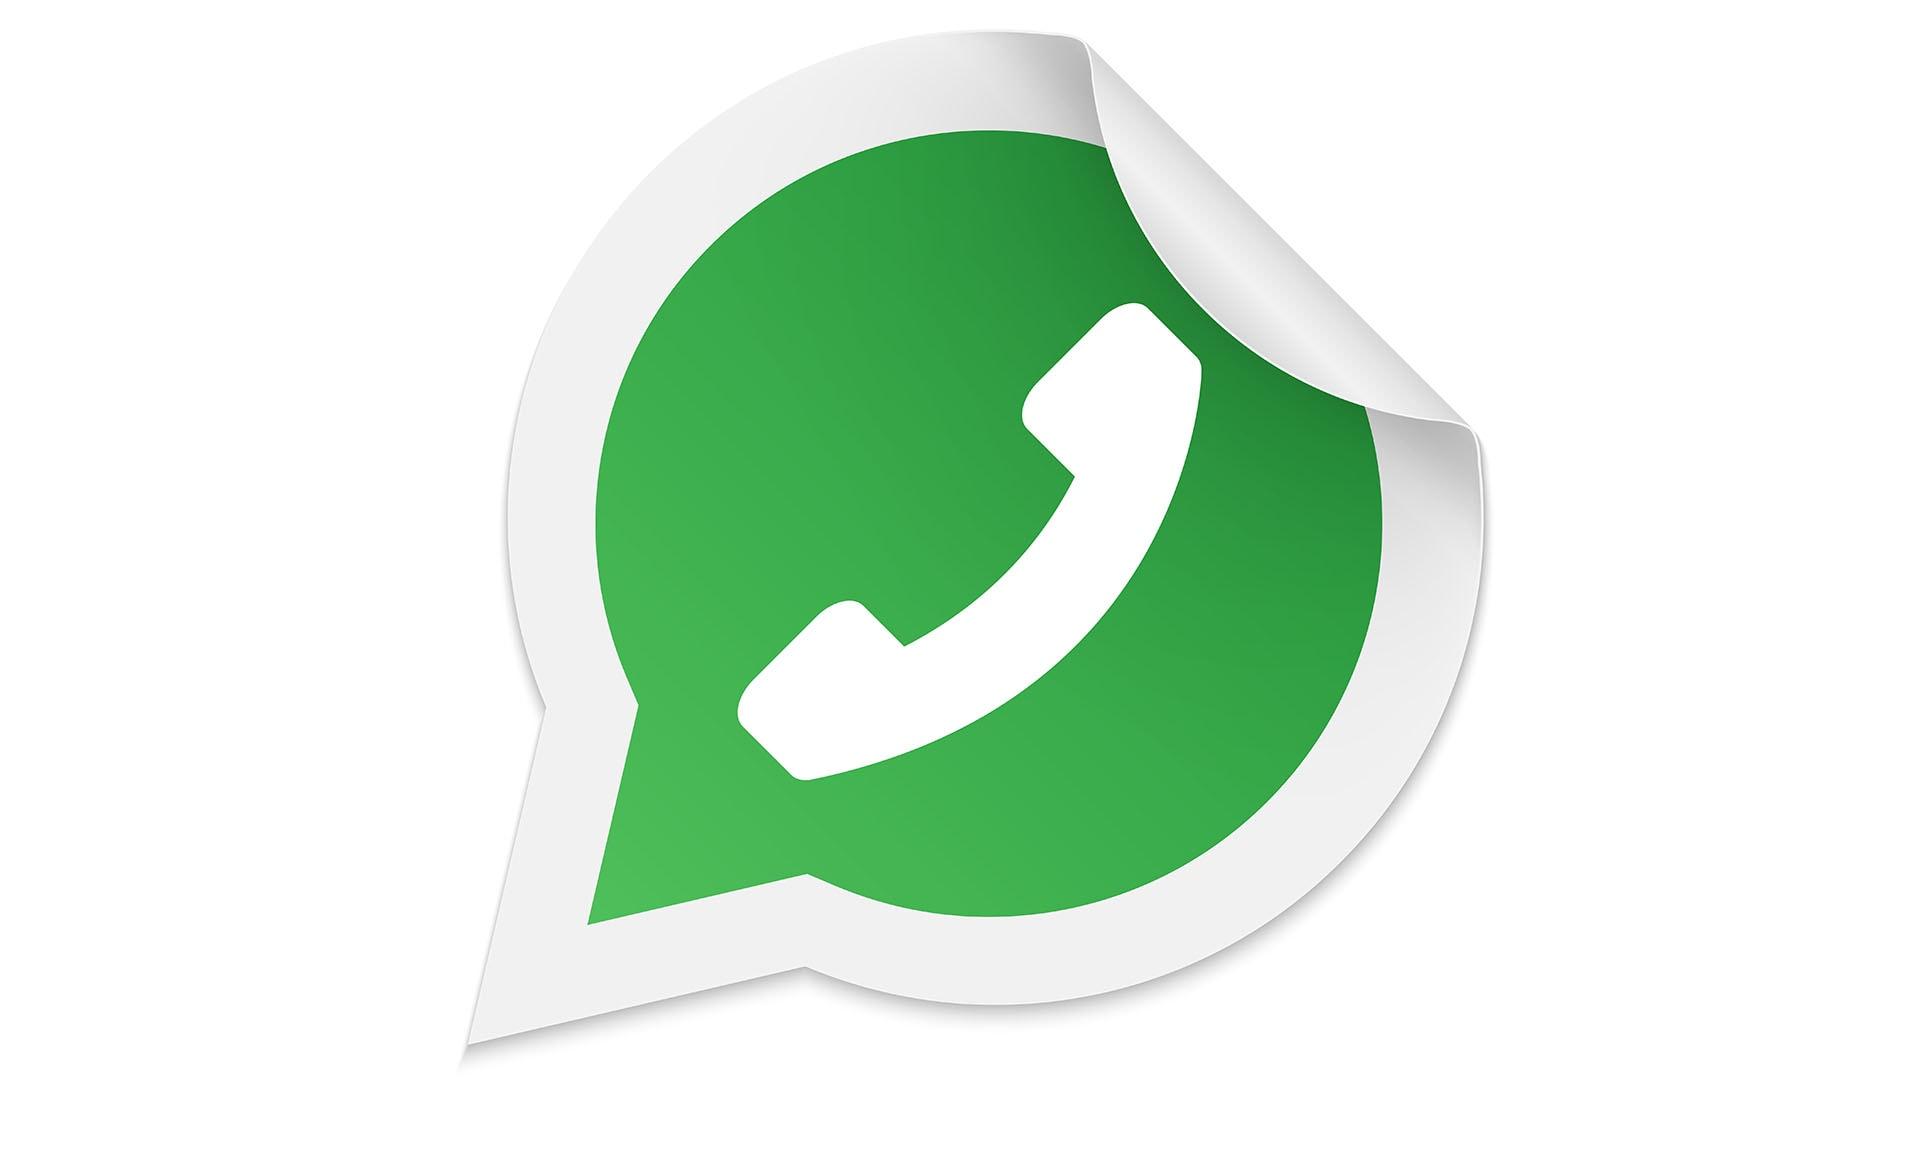 WhatsApp beta aggiunge i link di invito ai gruppi ed un pulsante per inoltrare contenuti (foto)